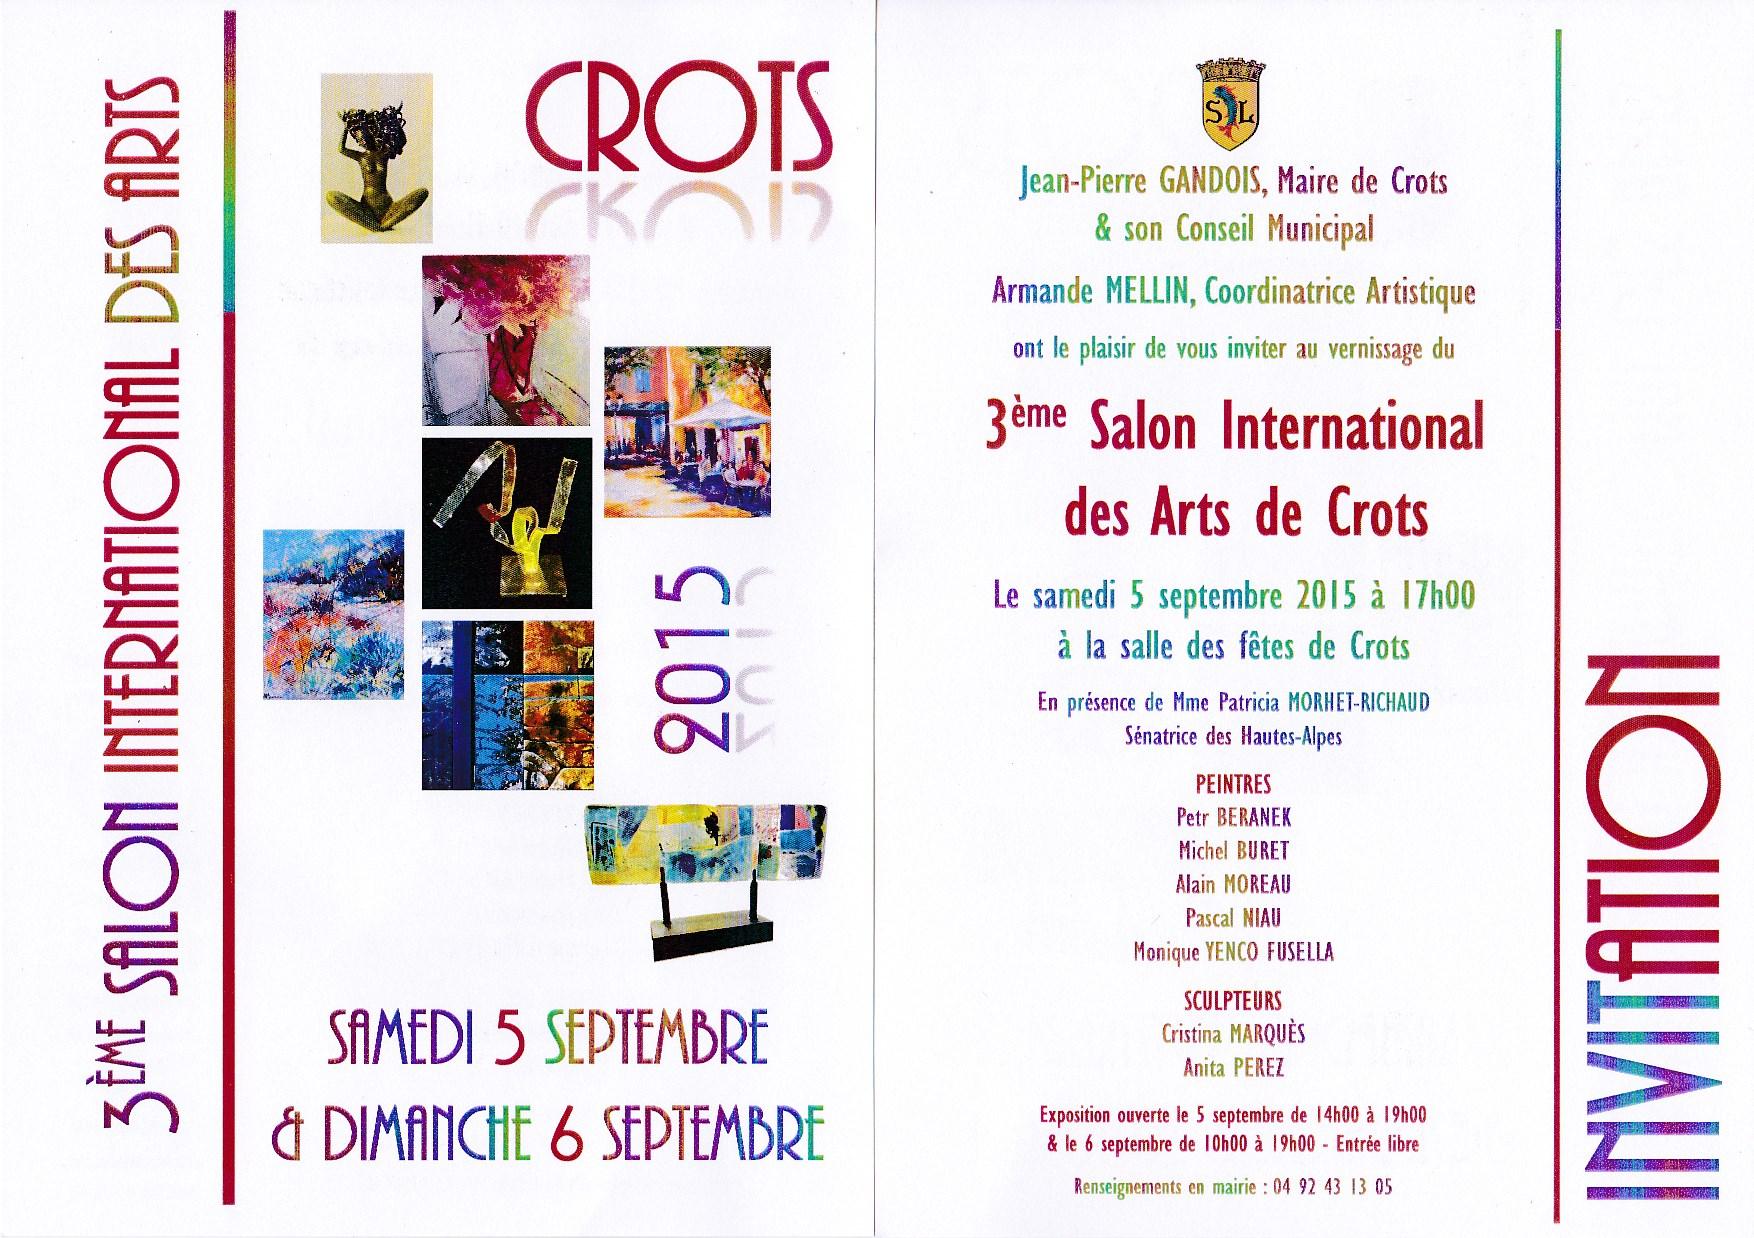 Flyer Crots_20150821